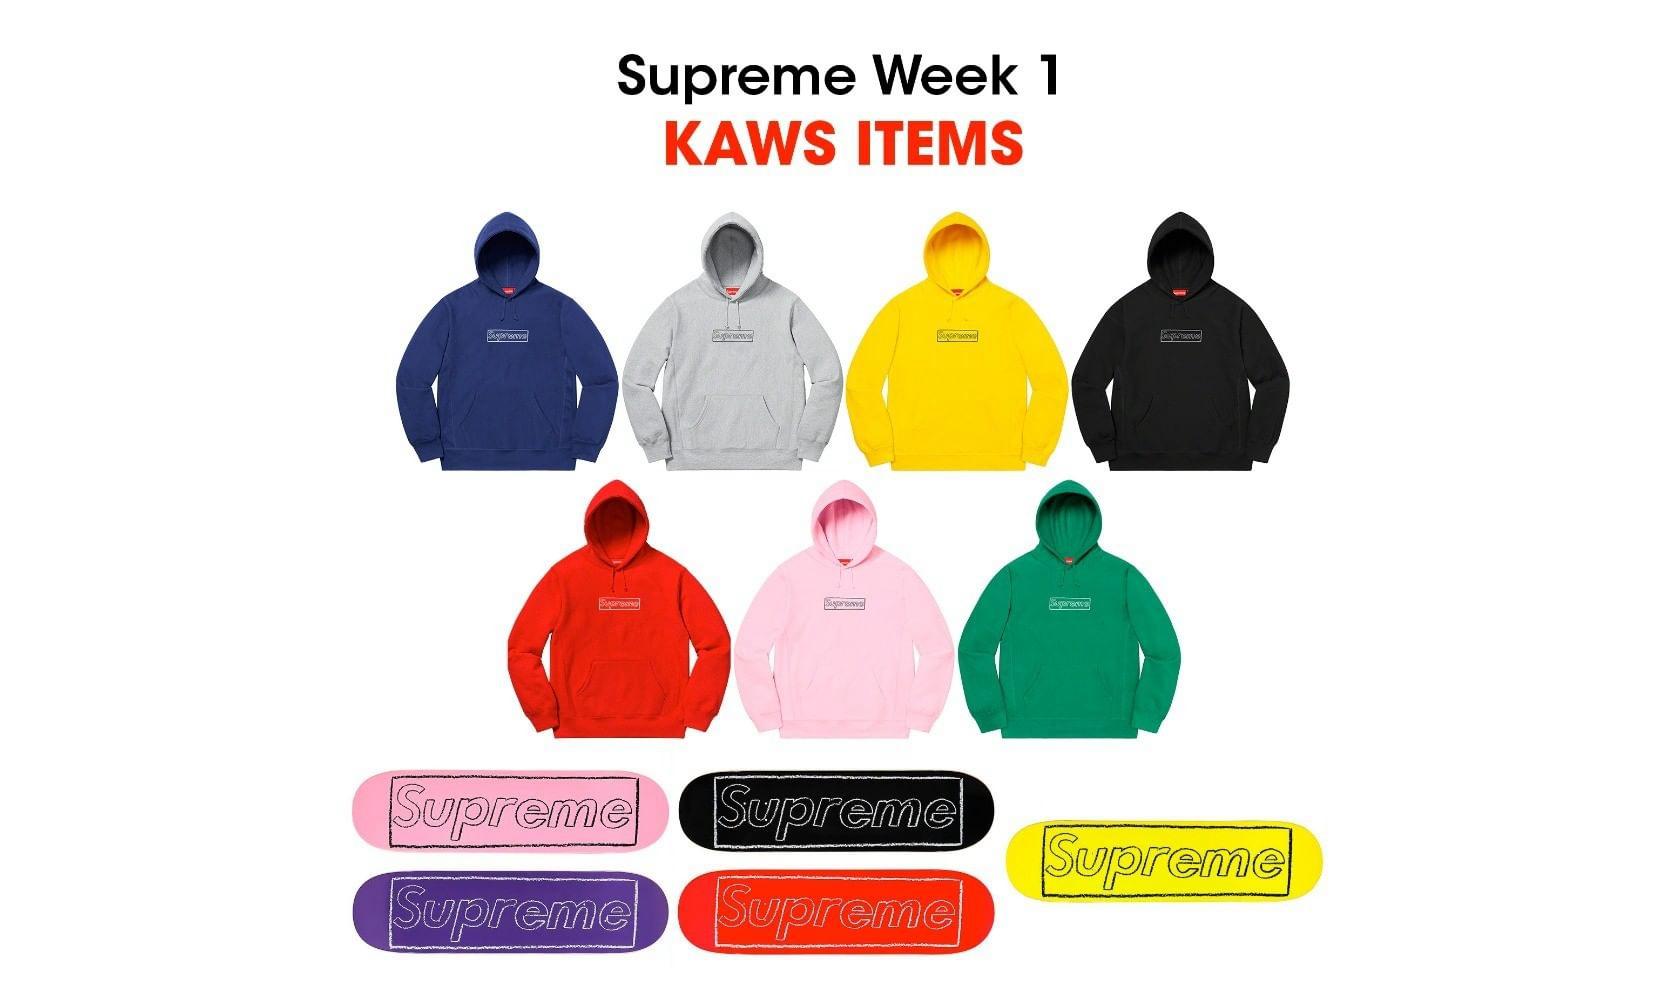 Supreme x KAWS 合作系列首度公开